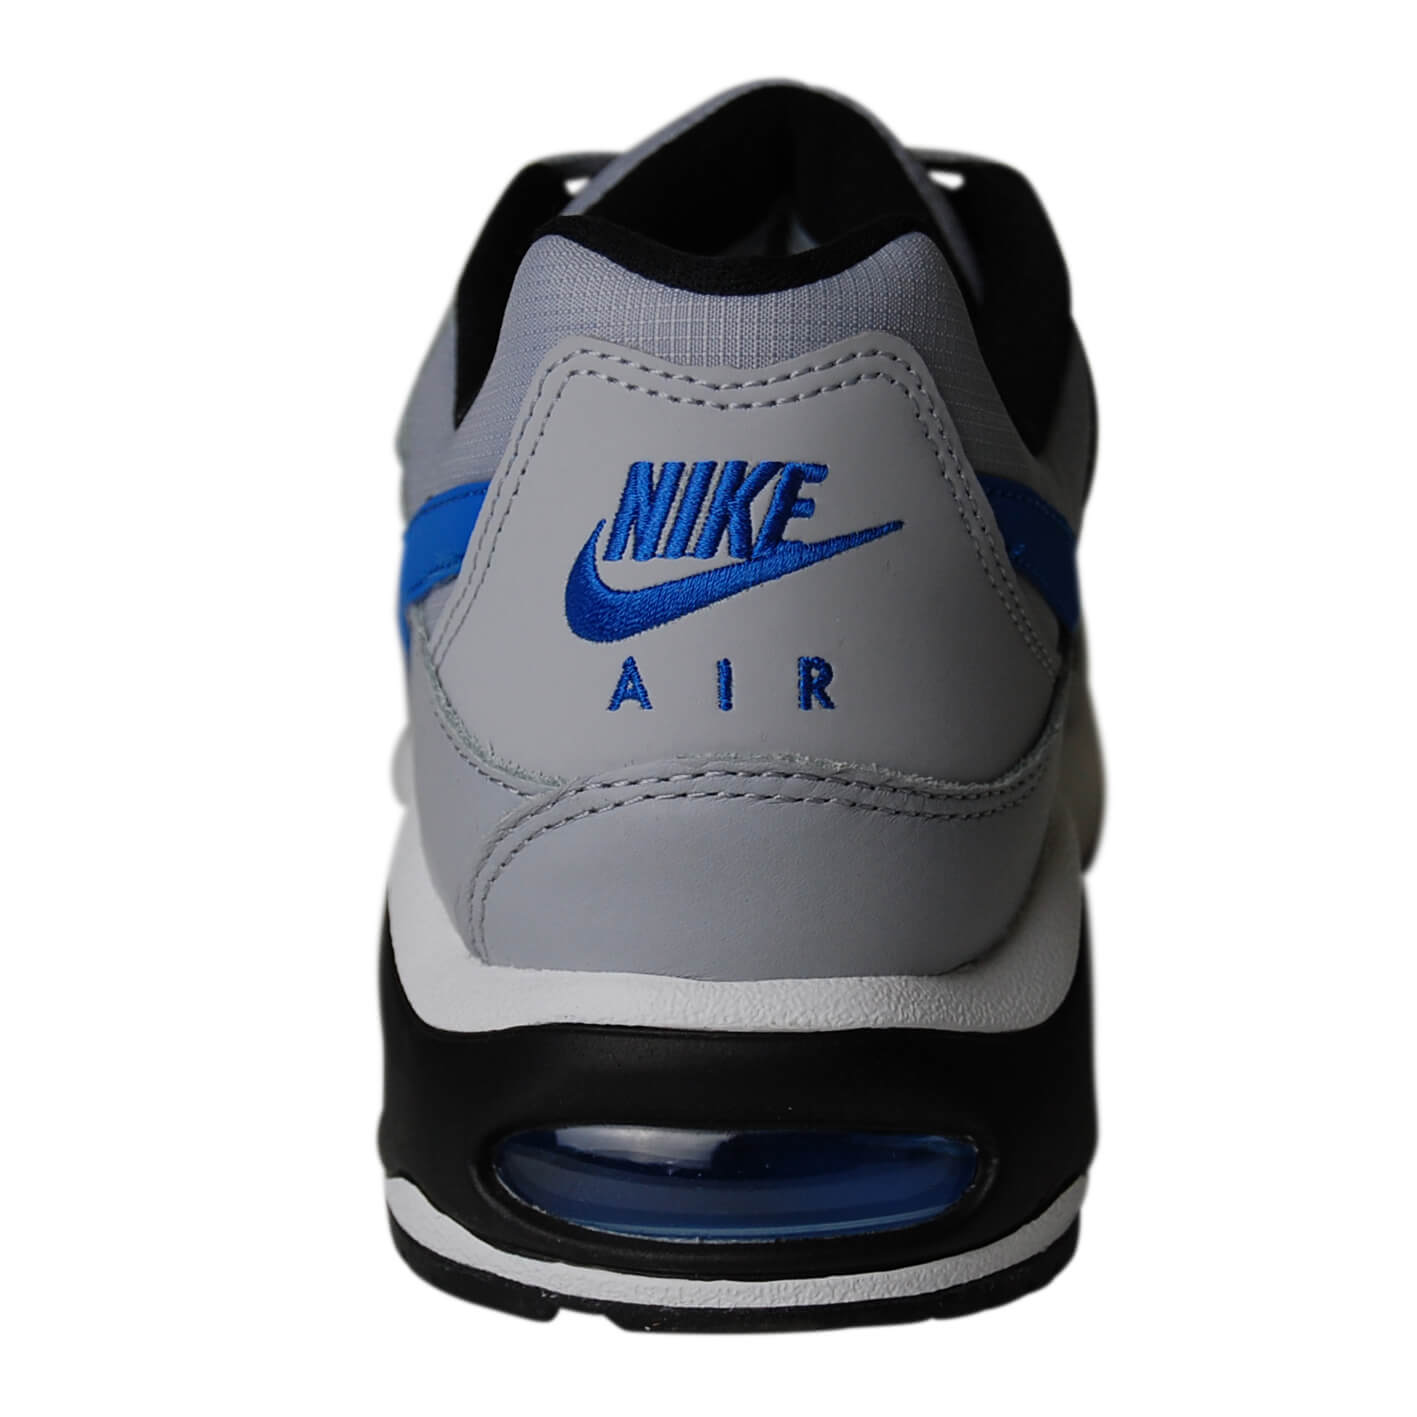 nike air max blauw grijs